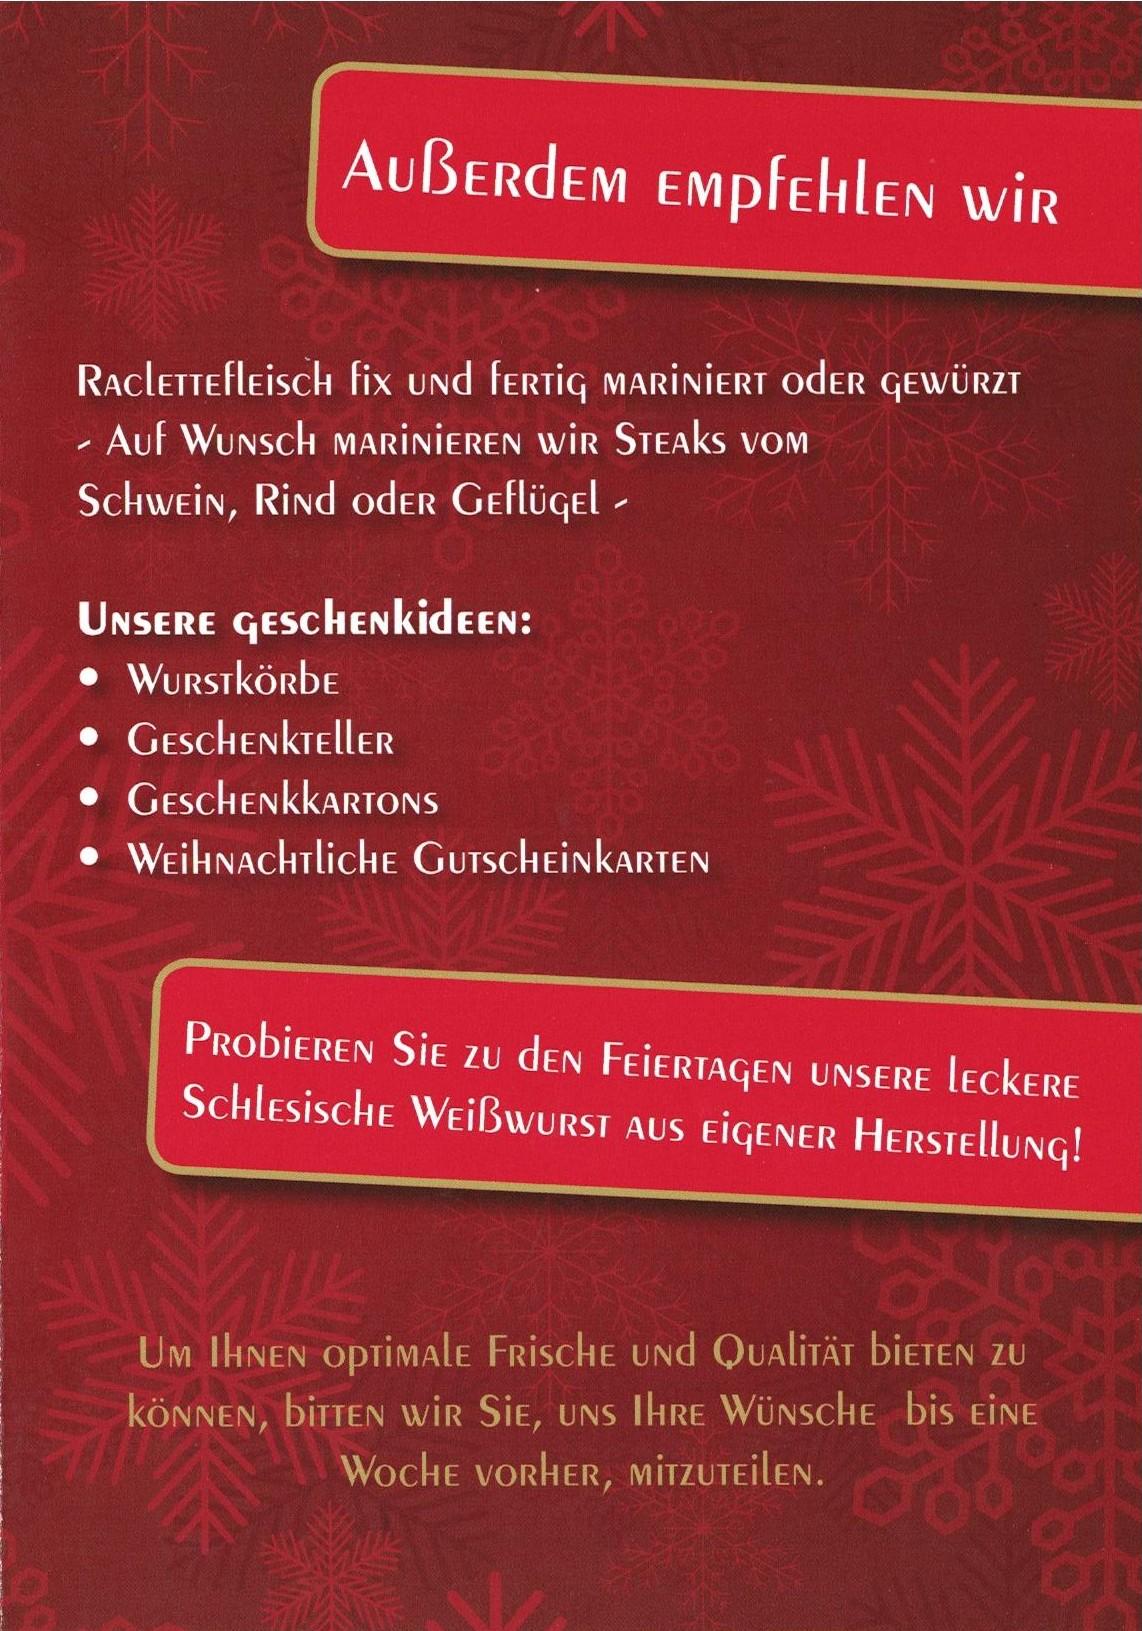 Weihnachtsflyer-Seite-3